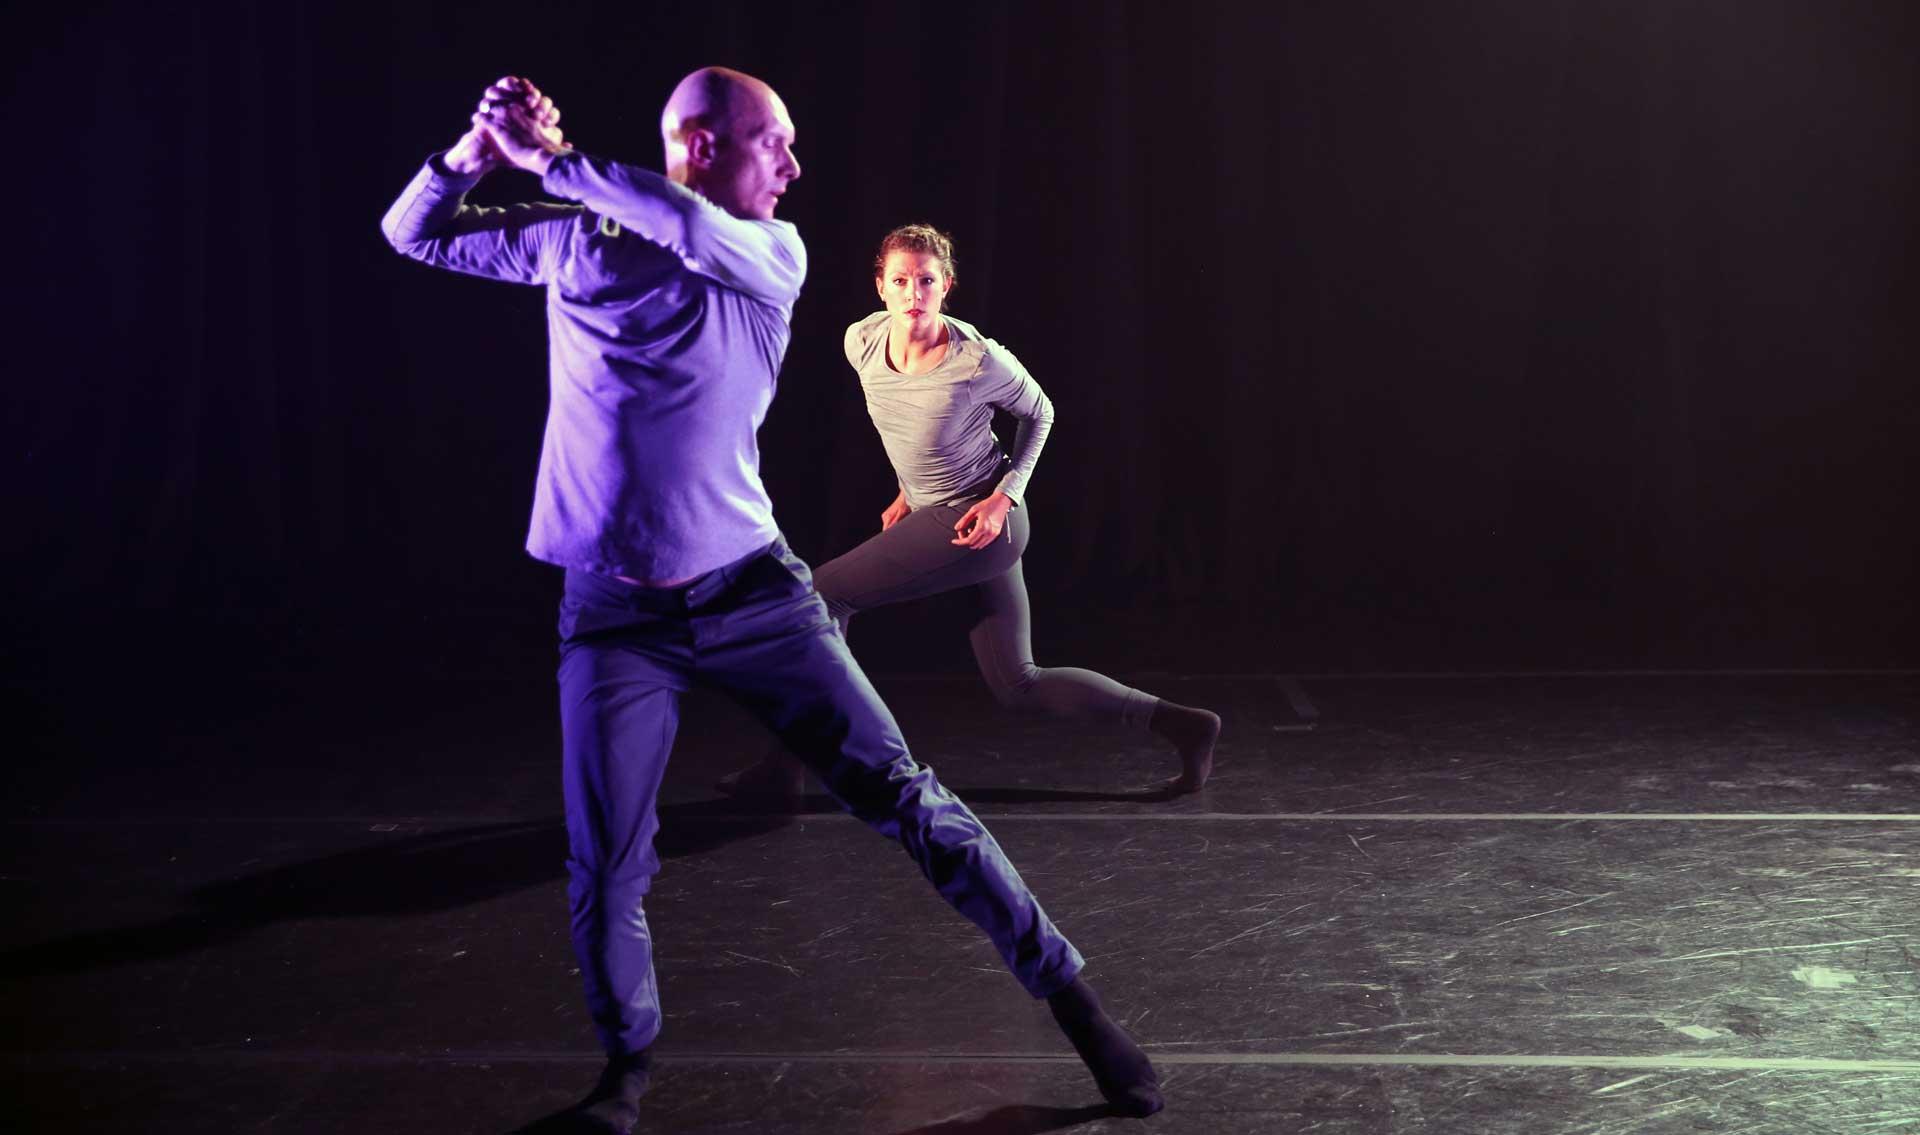 VERTICAL MIGRATION EXPERIMENT Lemon Sponge Cake Contemporary Ballet